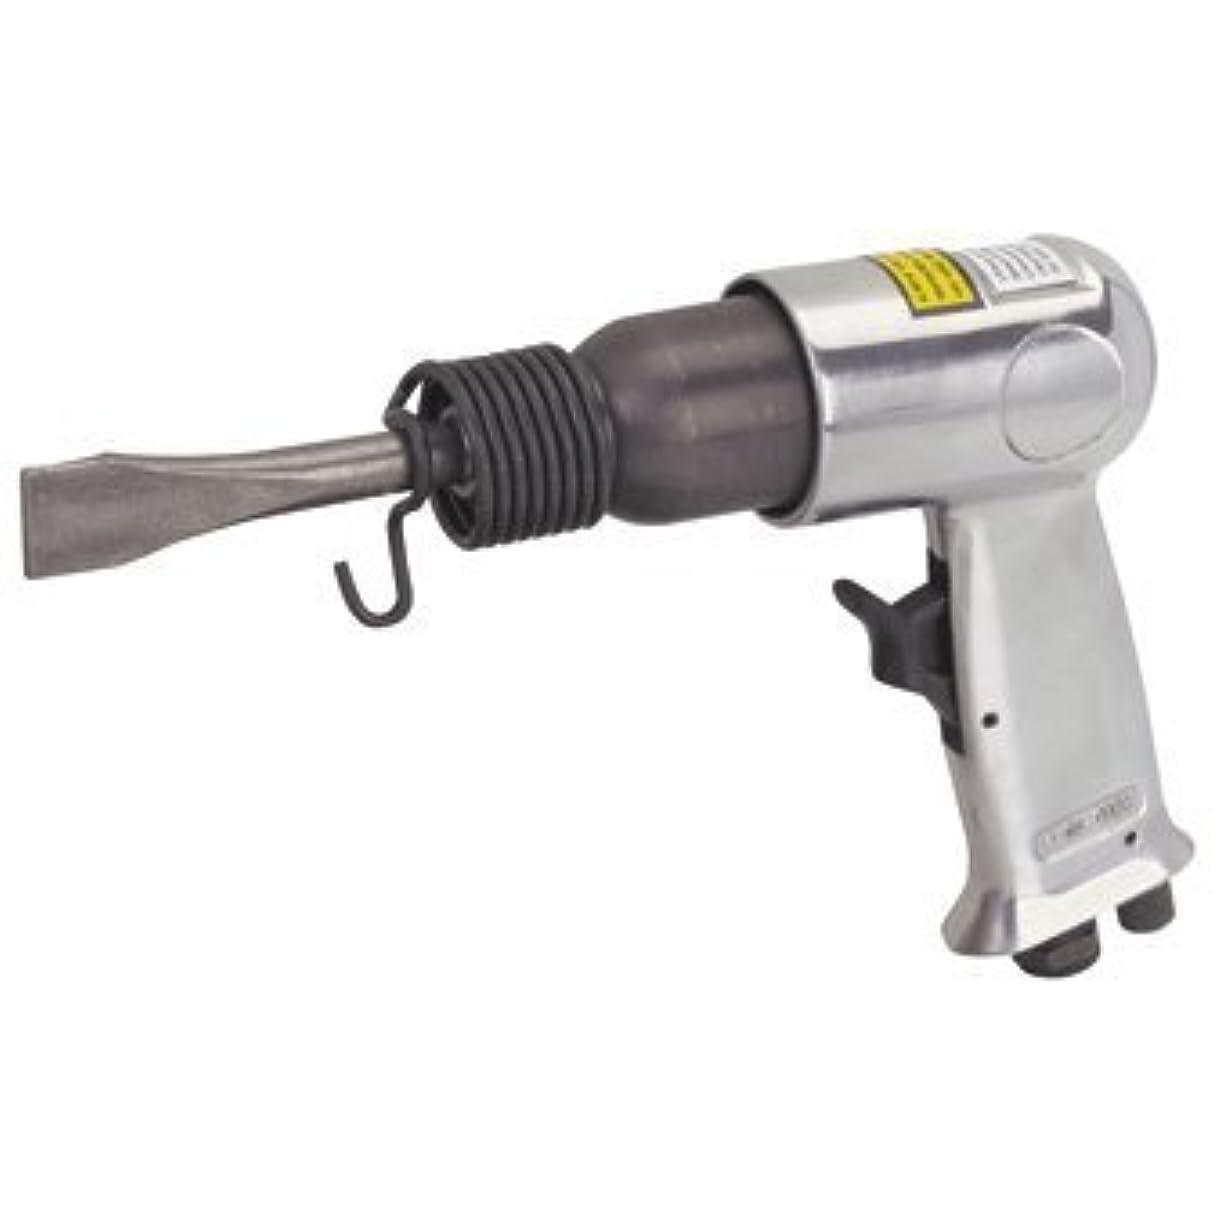 タンク器具キーAir Impact Hammer Kit with Built-in Air Regulator and 2 heavy duty chrome molybdenum chisels [並行輸入品]